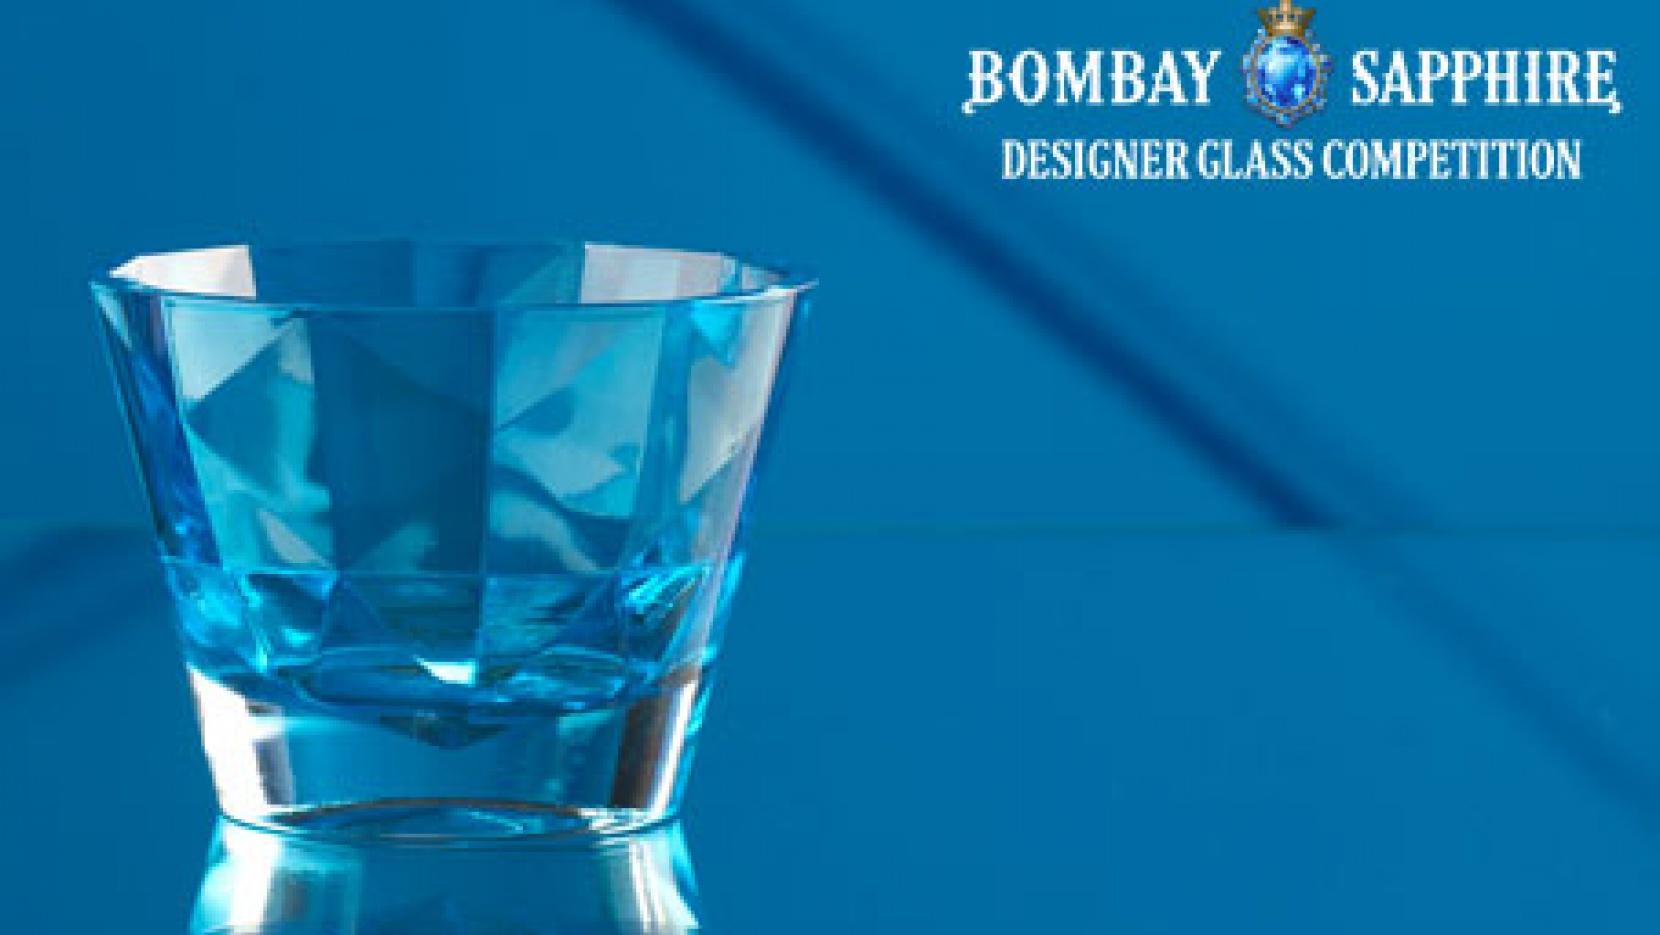 Skyscraper Wallpaper Hd Bombay Sapphire Designer Glass Competition 2009 Yatzer